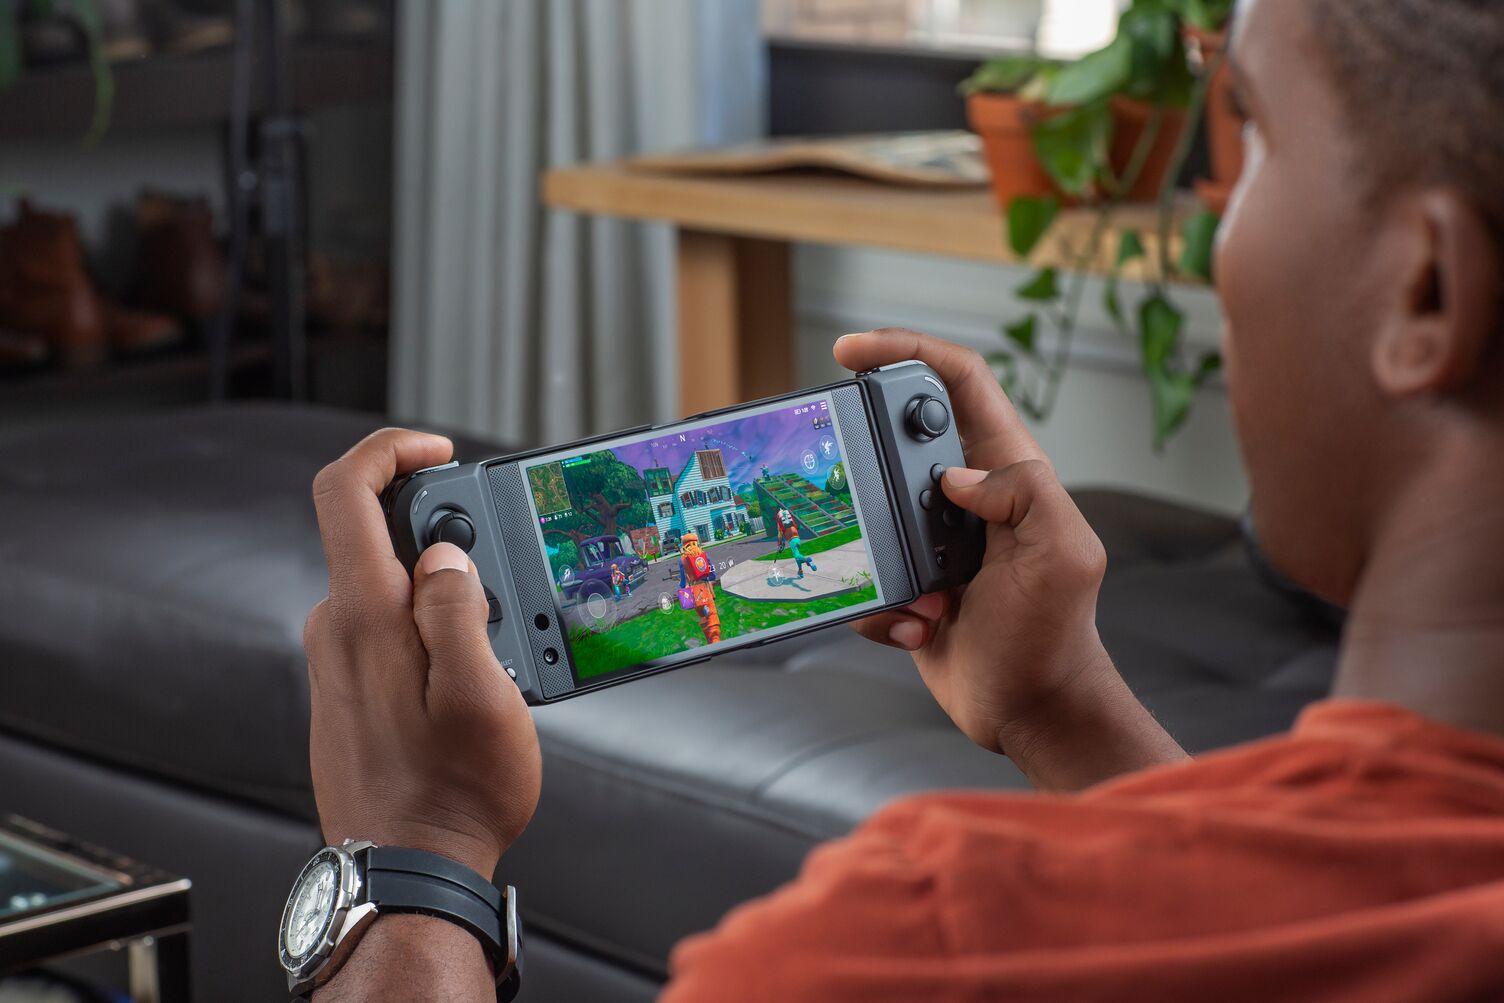 Nuovi prodotti Razer: due nuovi dispositivi per giocare con il vostro smartphone thumbnail